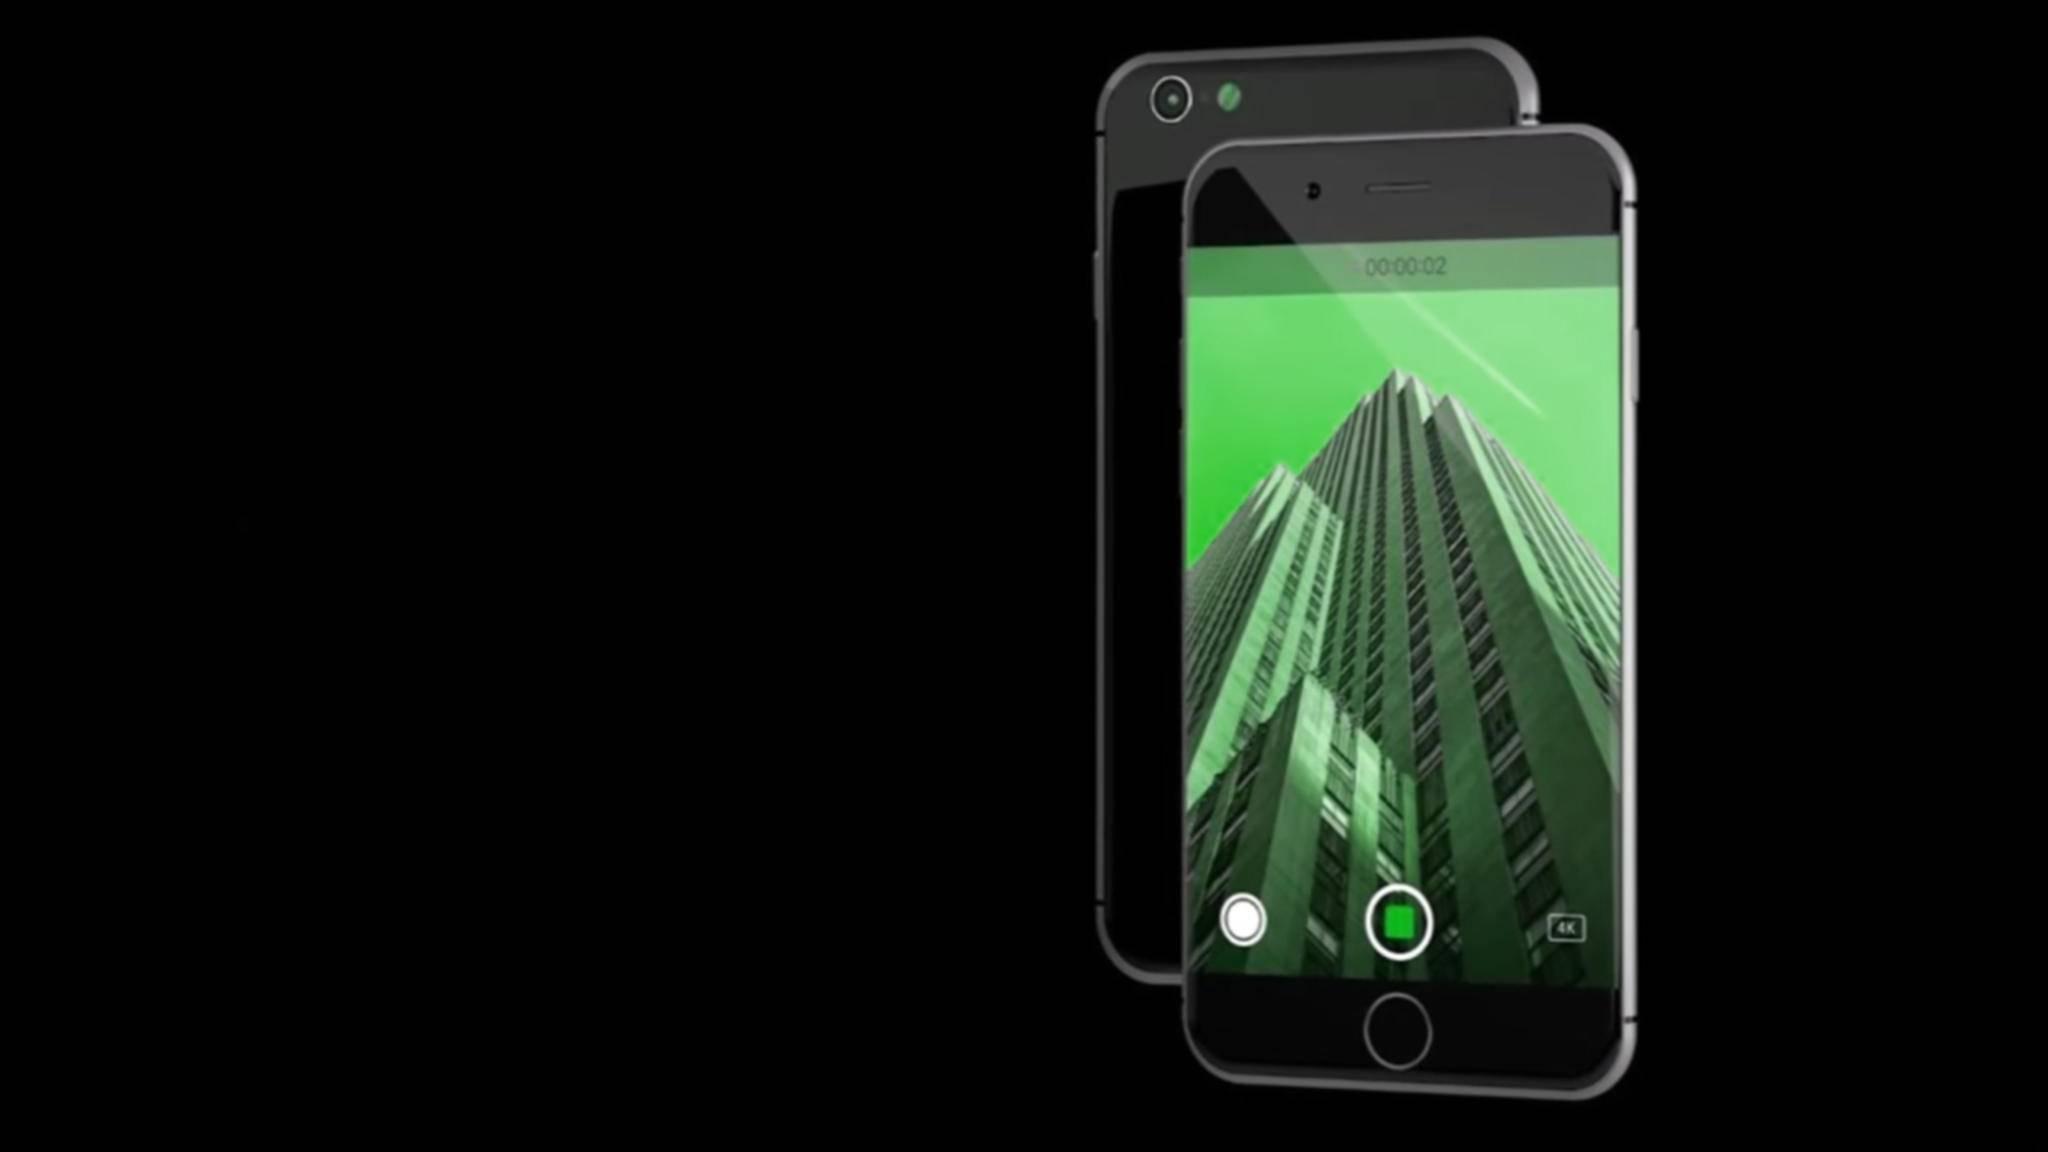 Will Apple das iPhone 8 in den USA herstellen?